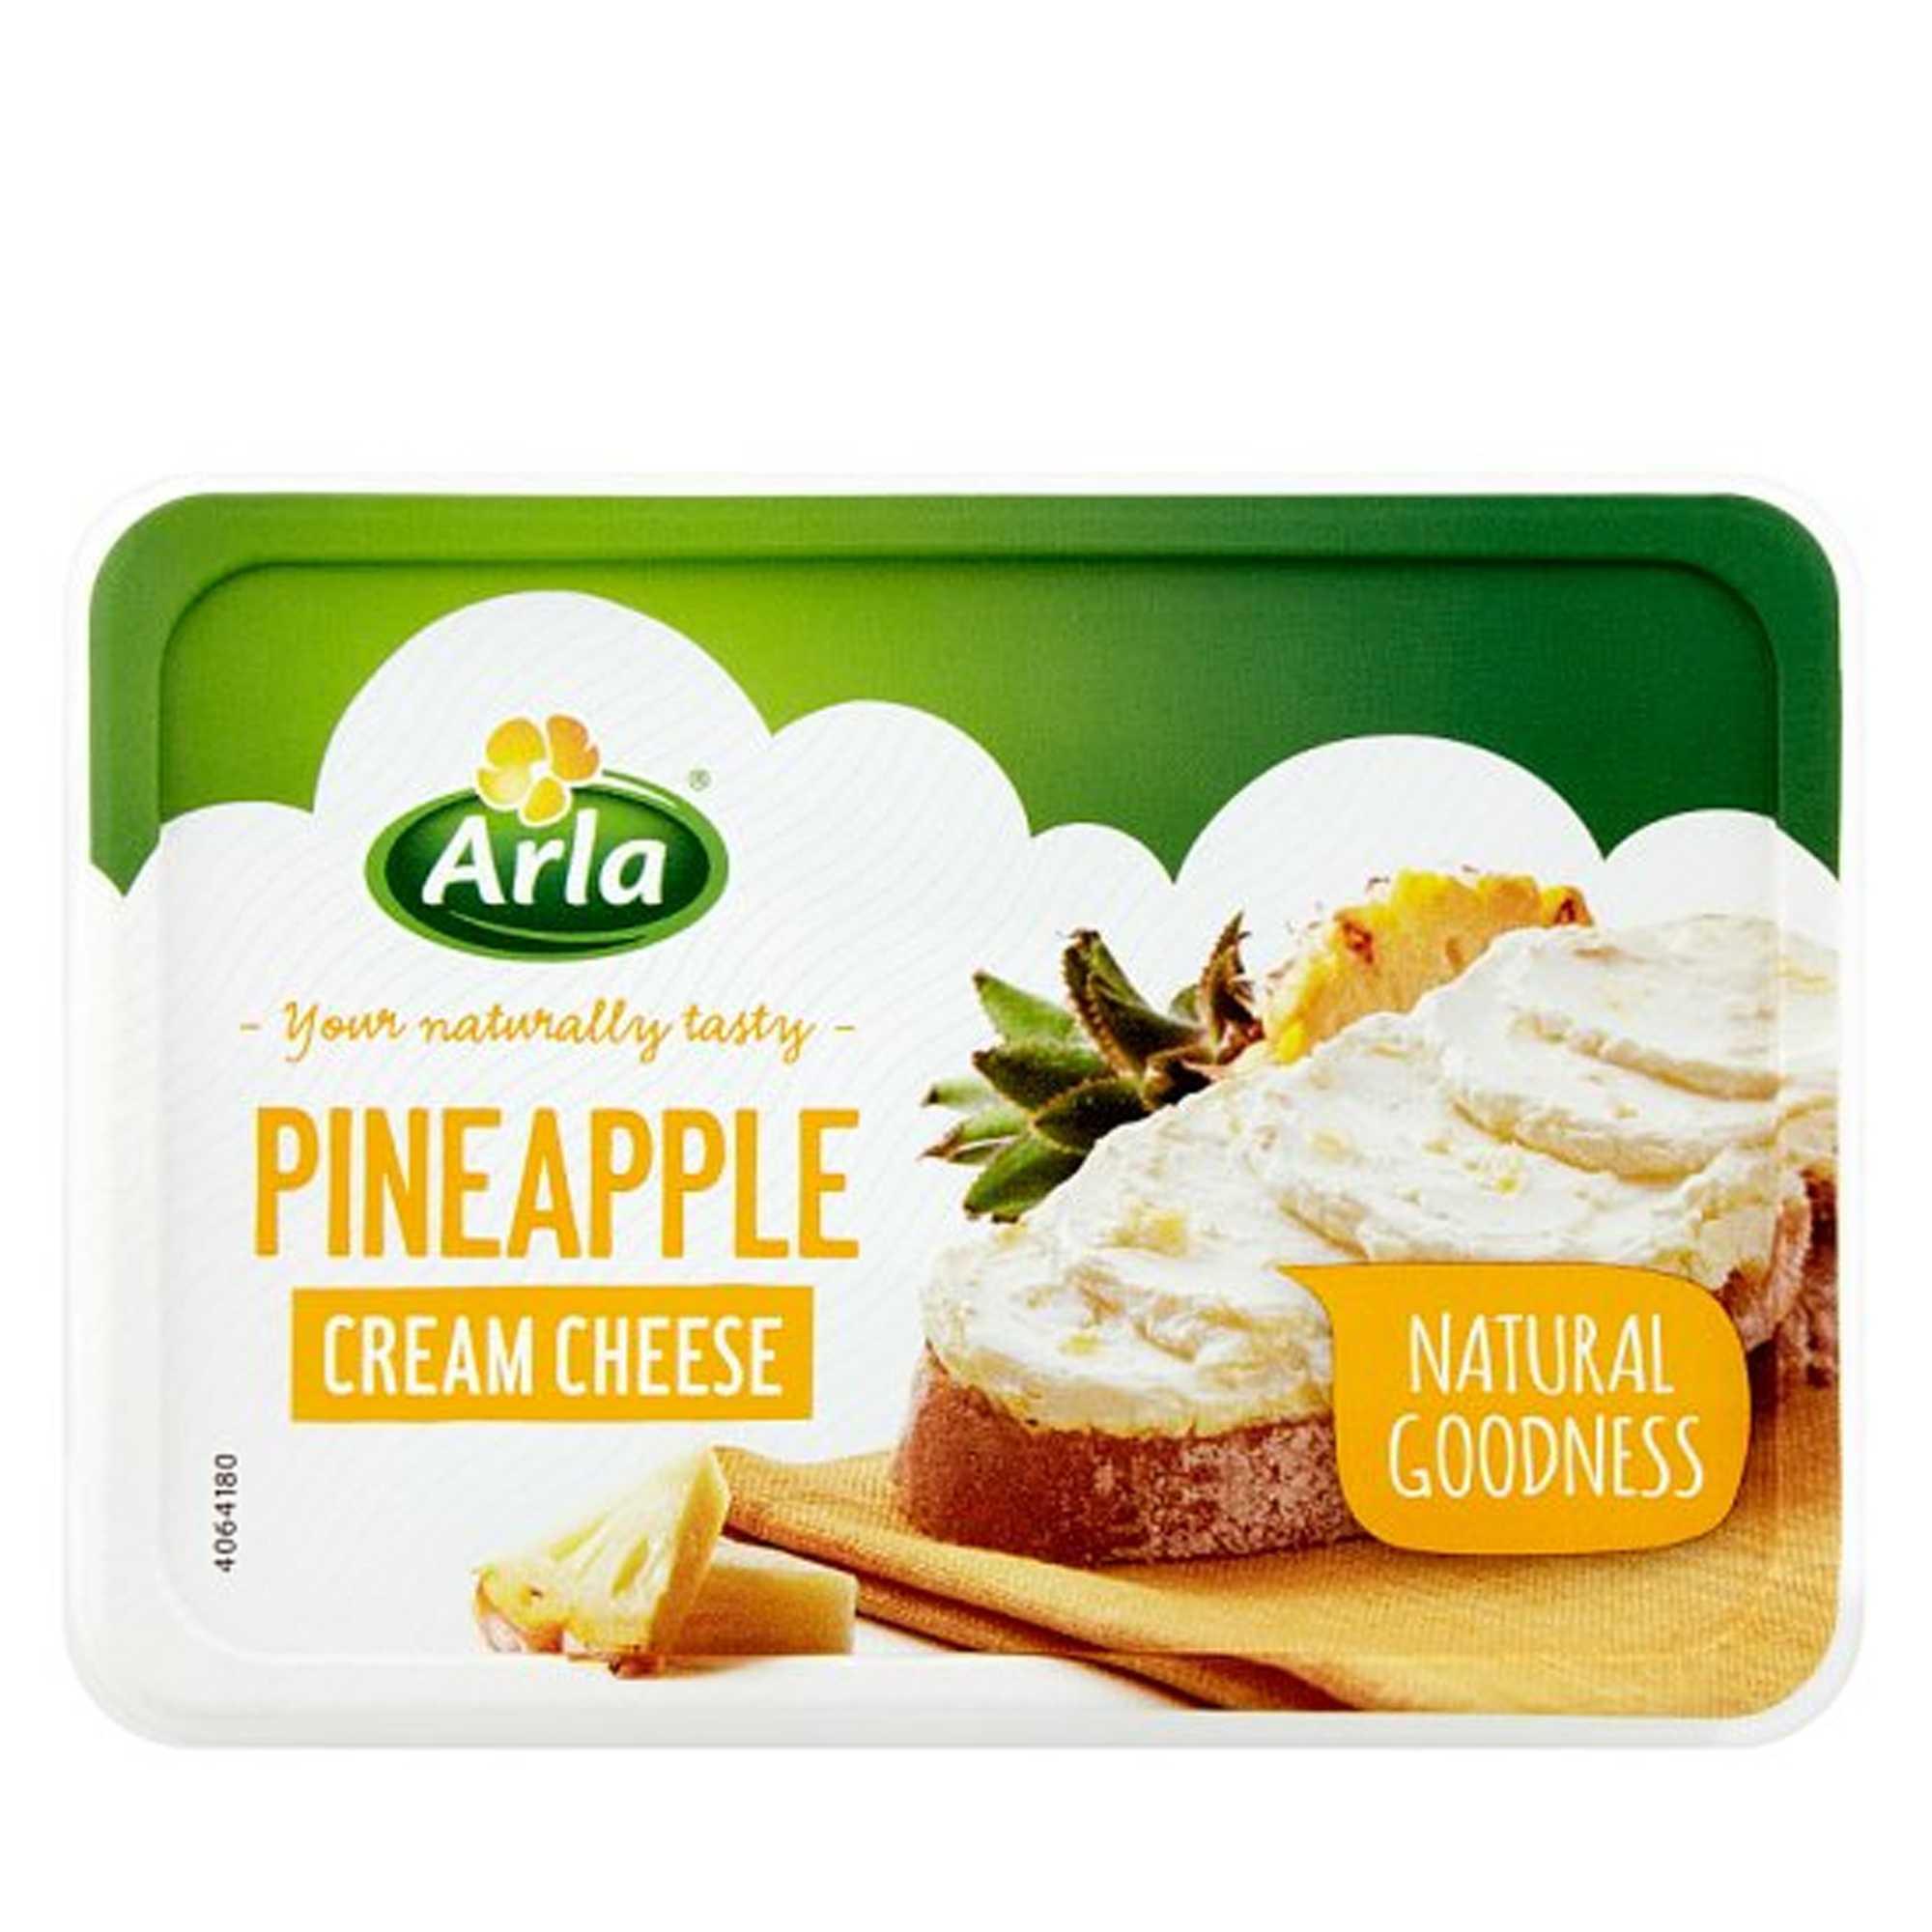 Arla Pineapple Cream Cheese 150gm